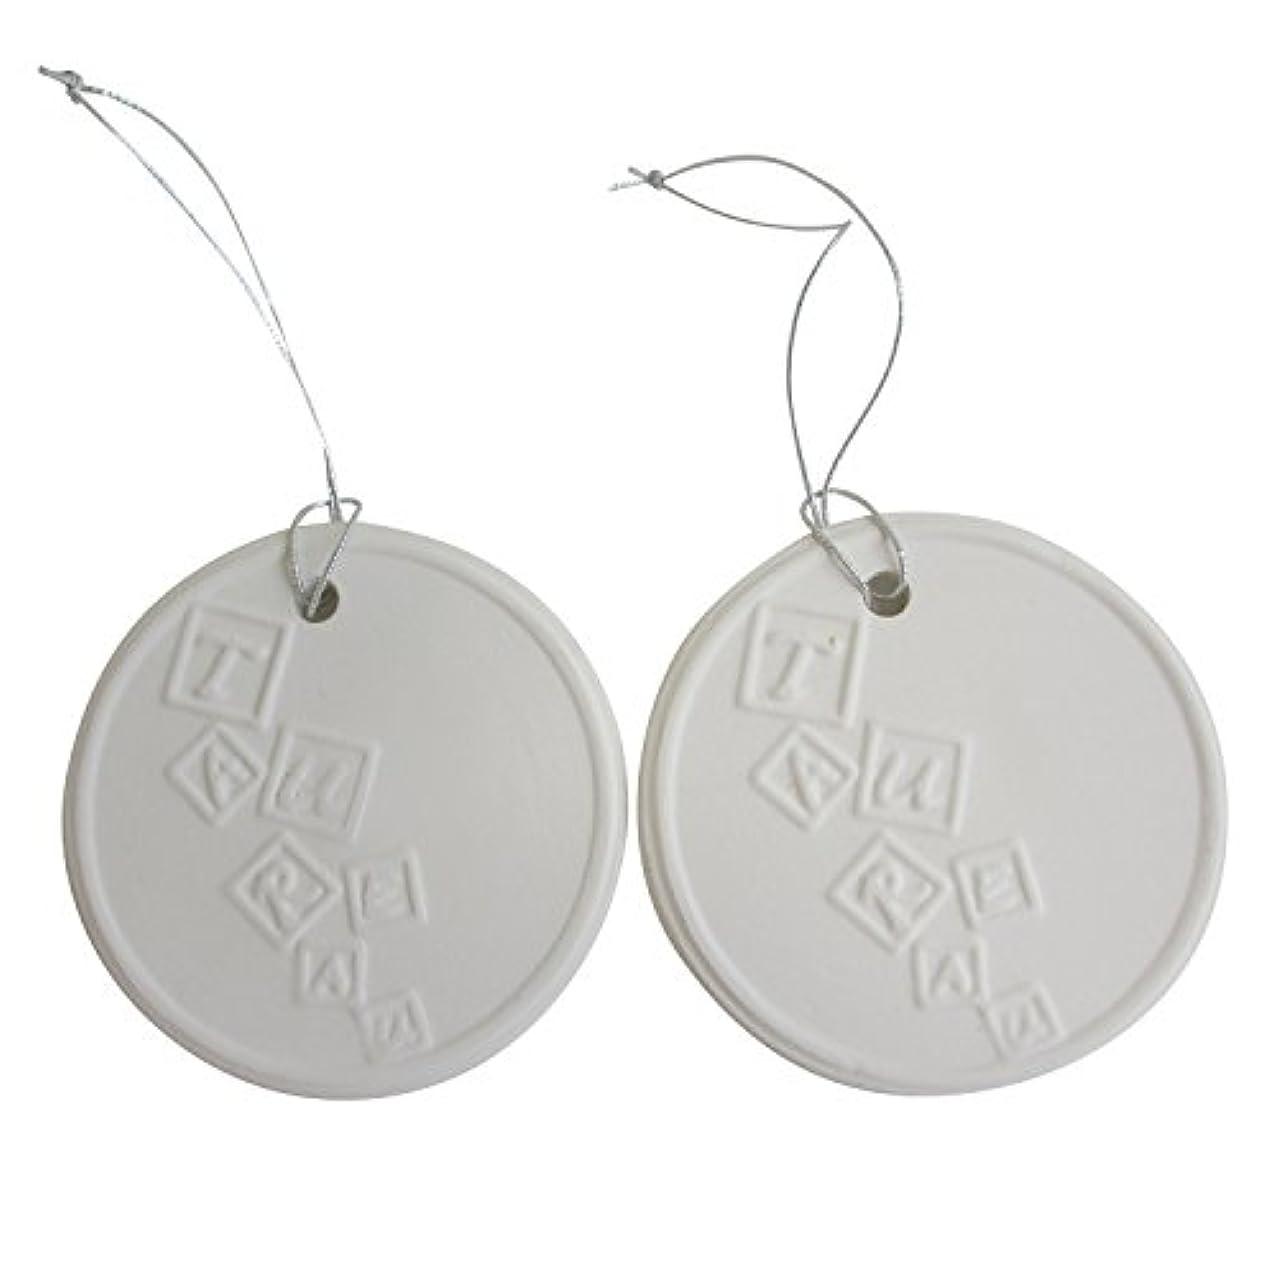 アッパーバランスのとれたアンカーアロマストーン ホワイトコイン 2セット(ロゴ2) アクセサリー 小物 キーホルダー アロマディフューザー ペンダント 陶器製